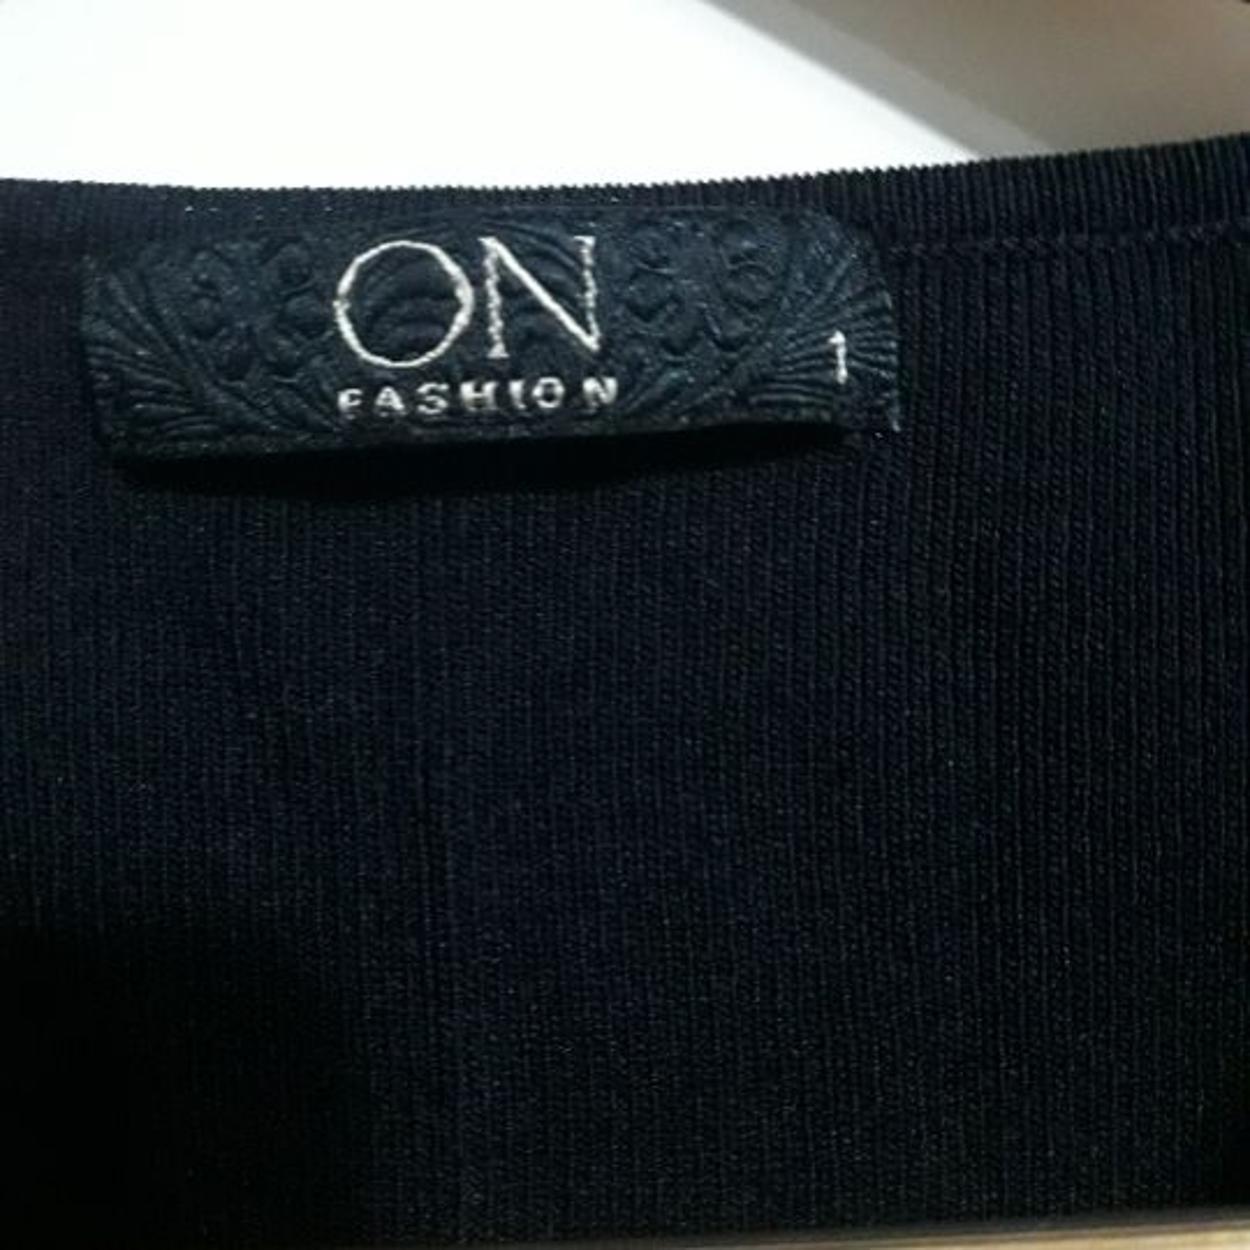 On Fashion Bluz